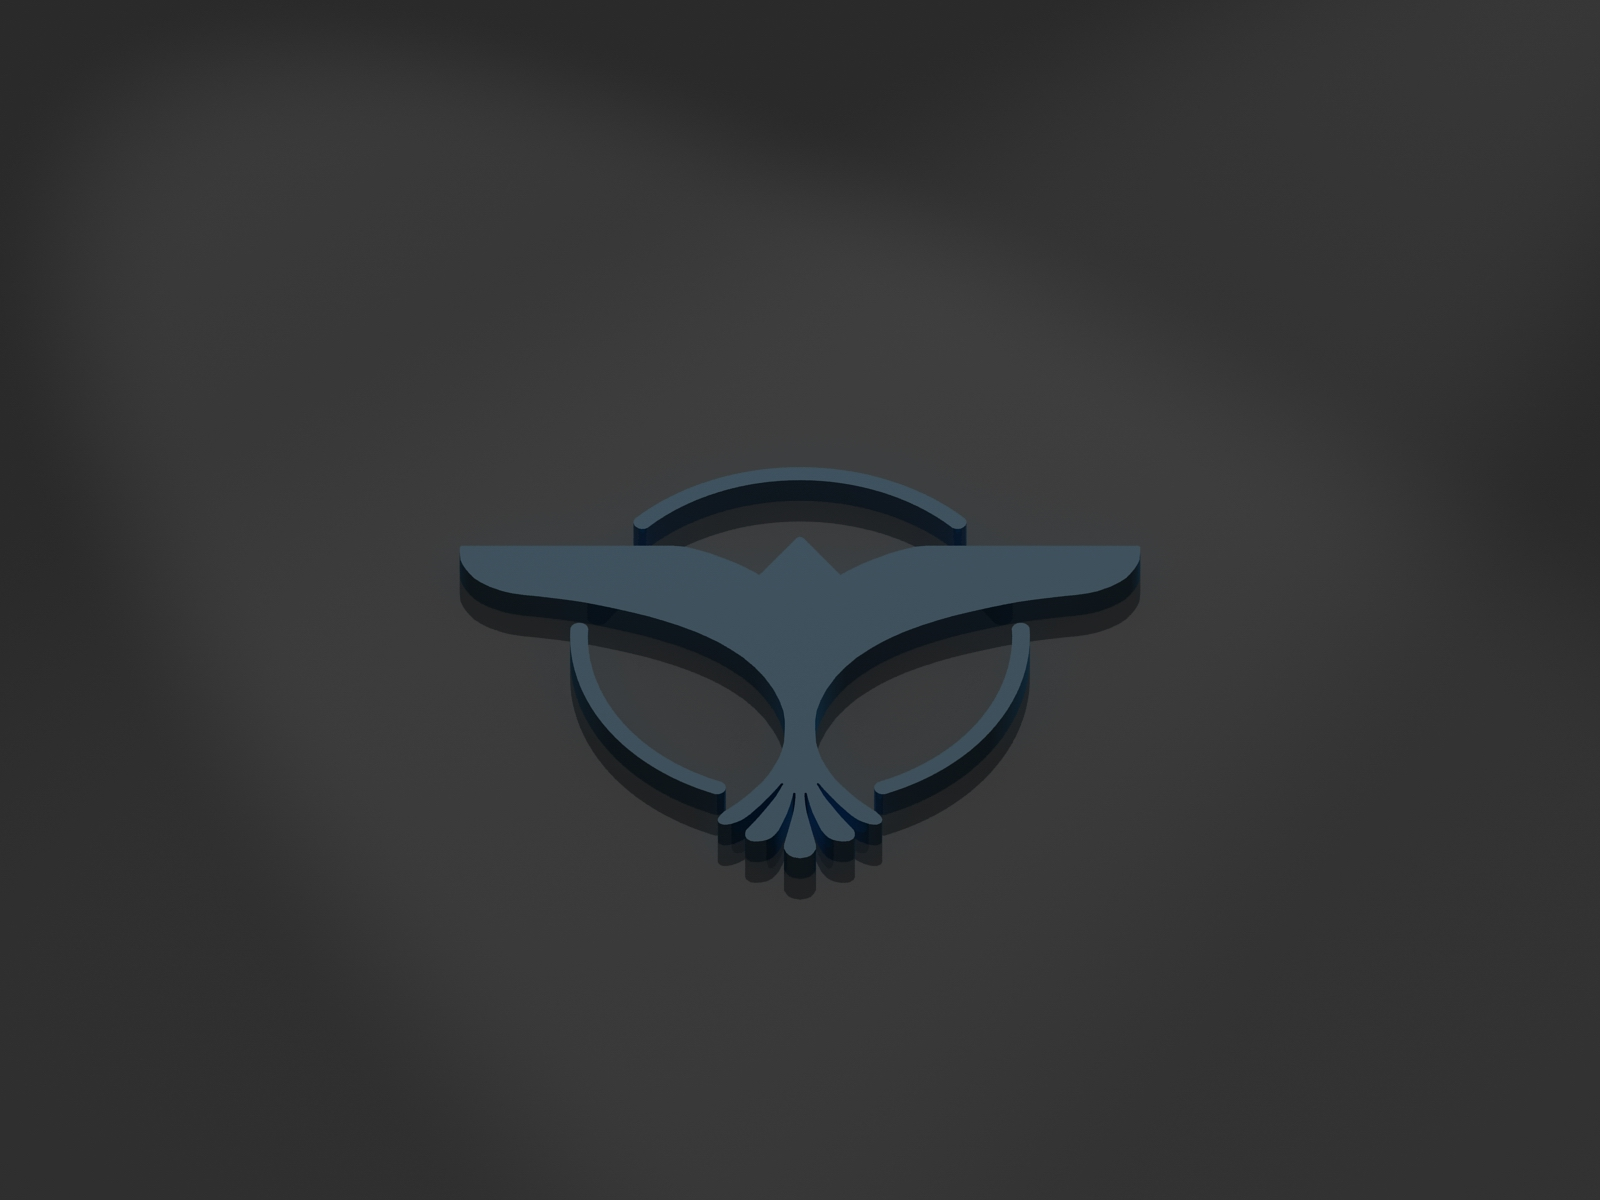 Tiesto Logo Wallpaper by kchup on DeviantArt